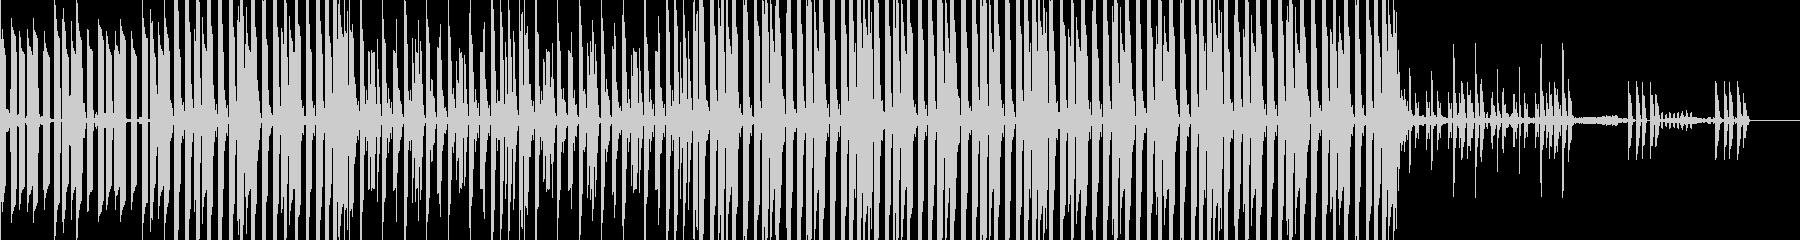 システムチックでシンプルなテクノの未再生の波形